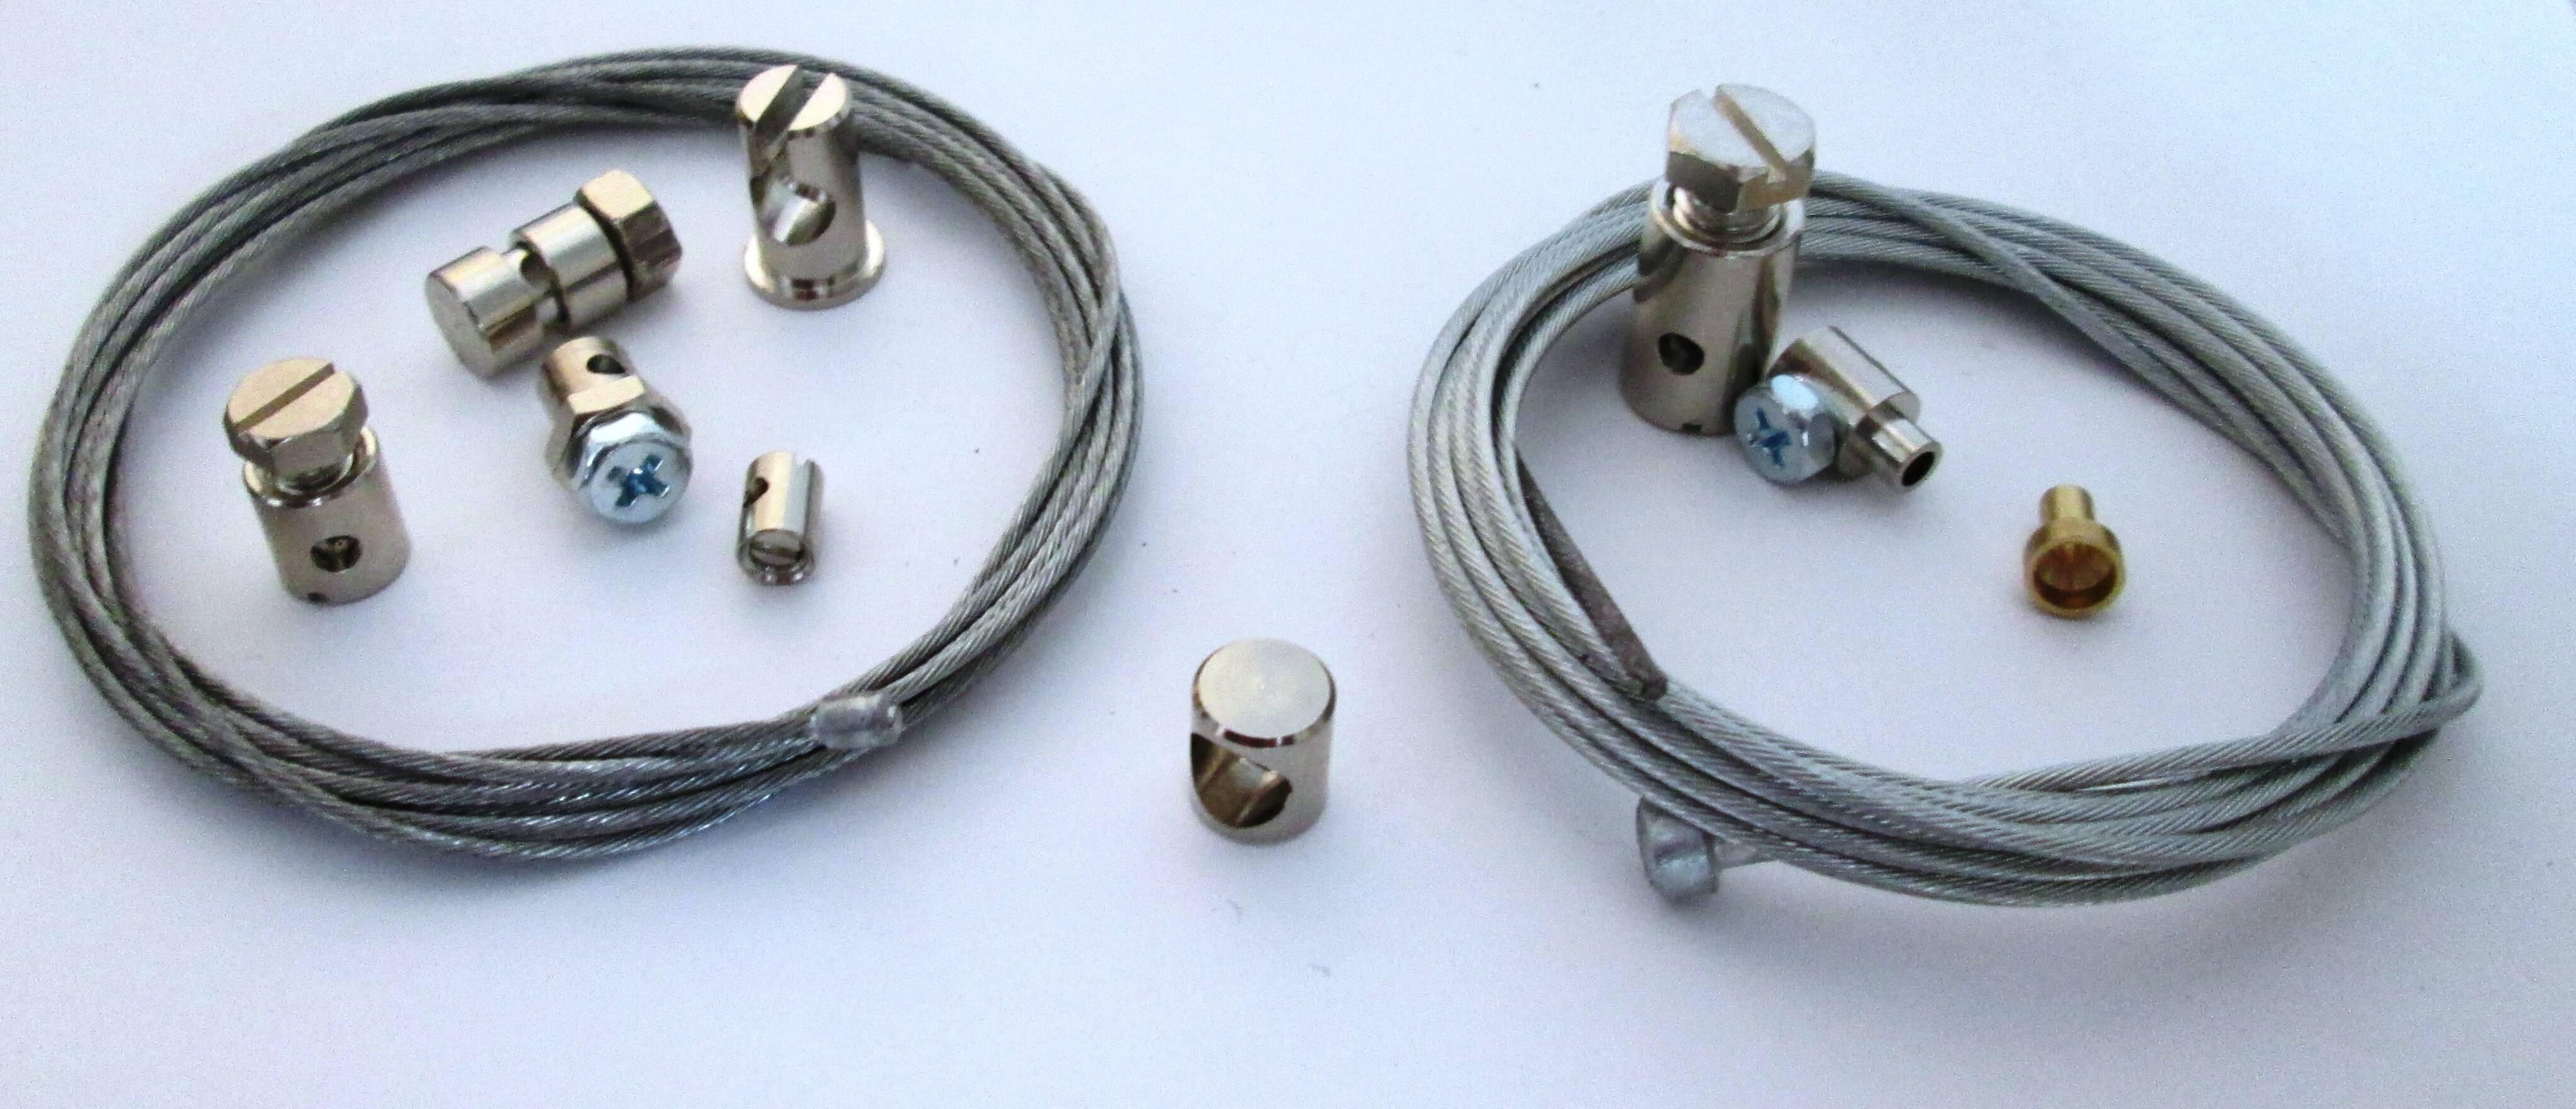 Cable Repair Kit : Cableman adjuster